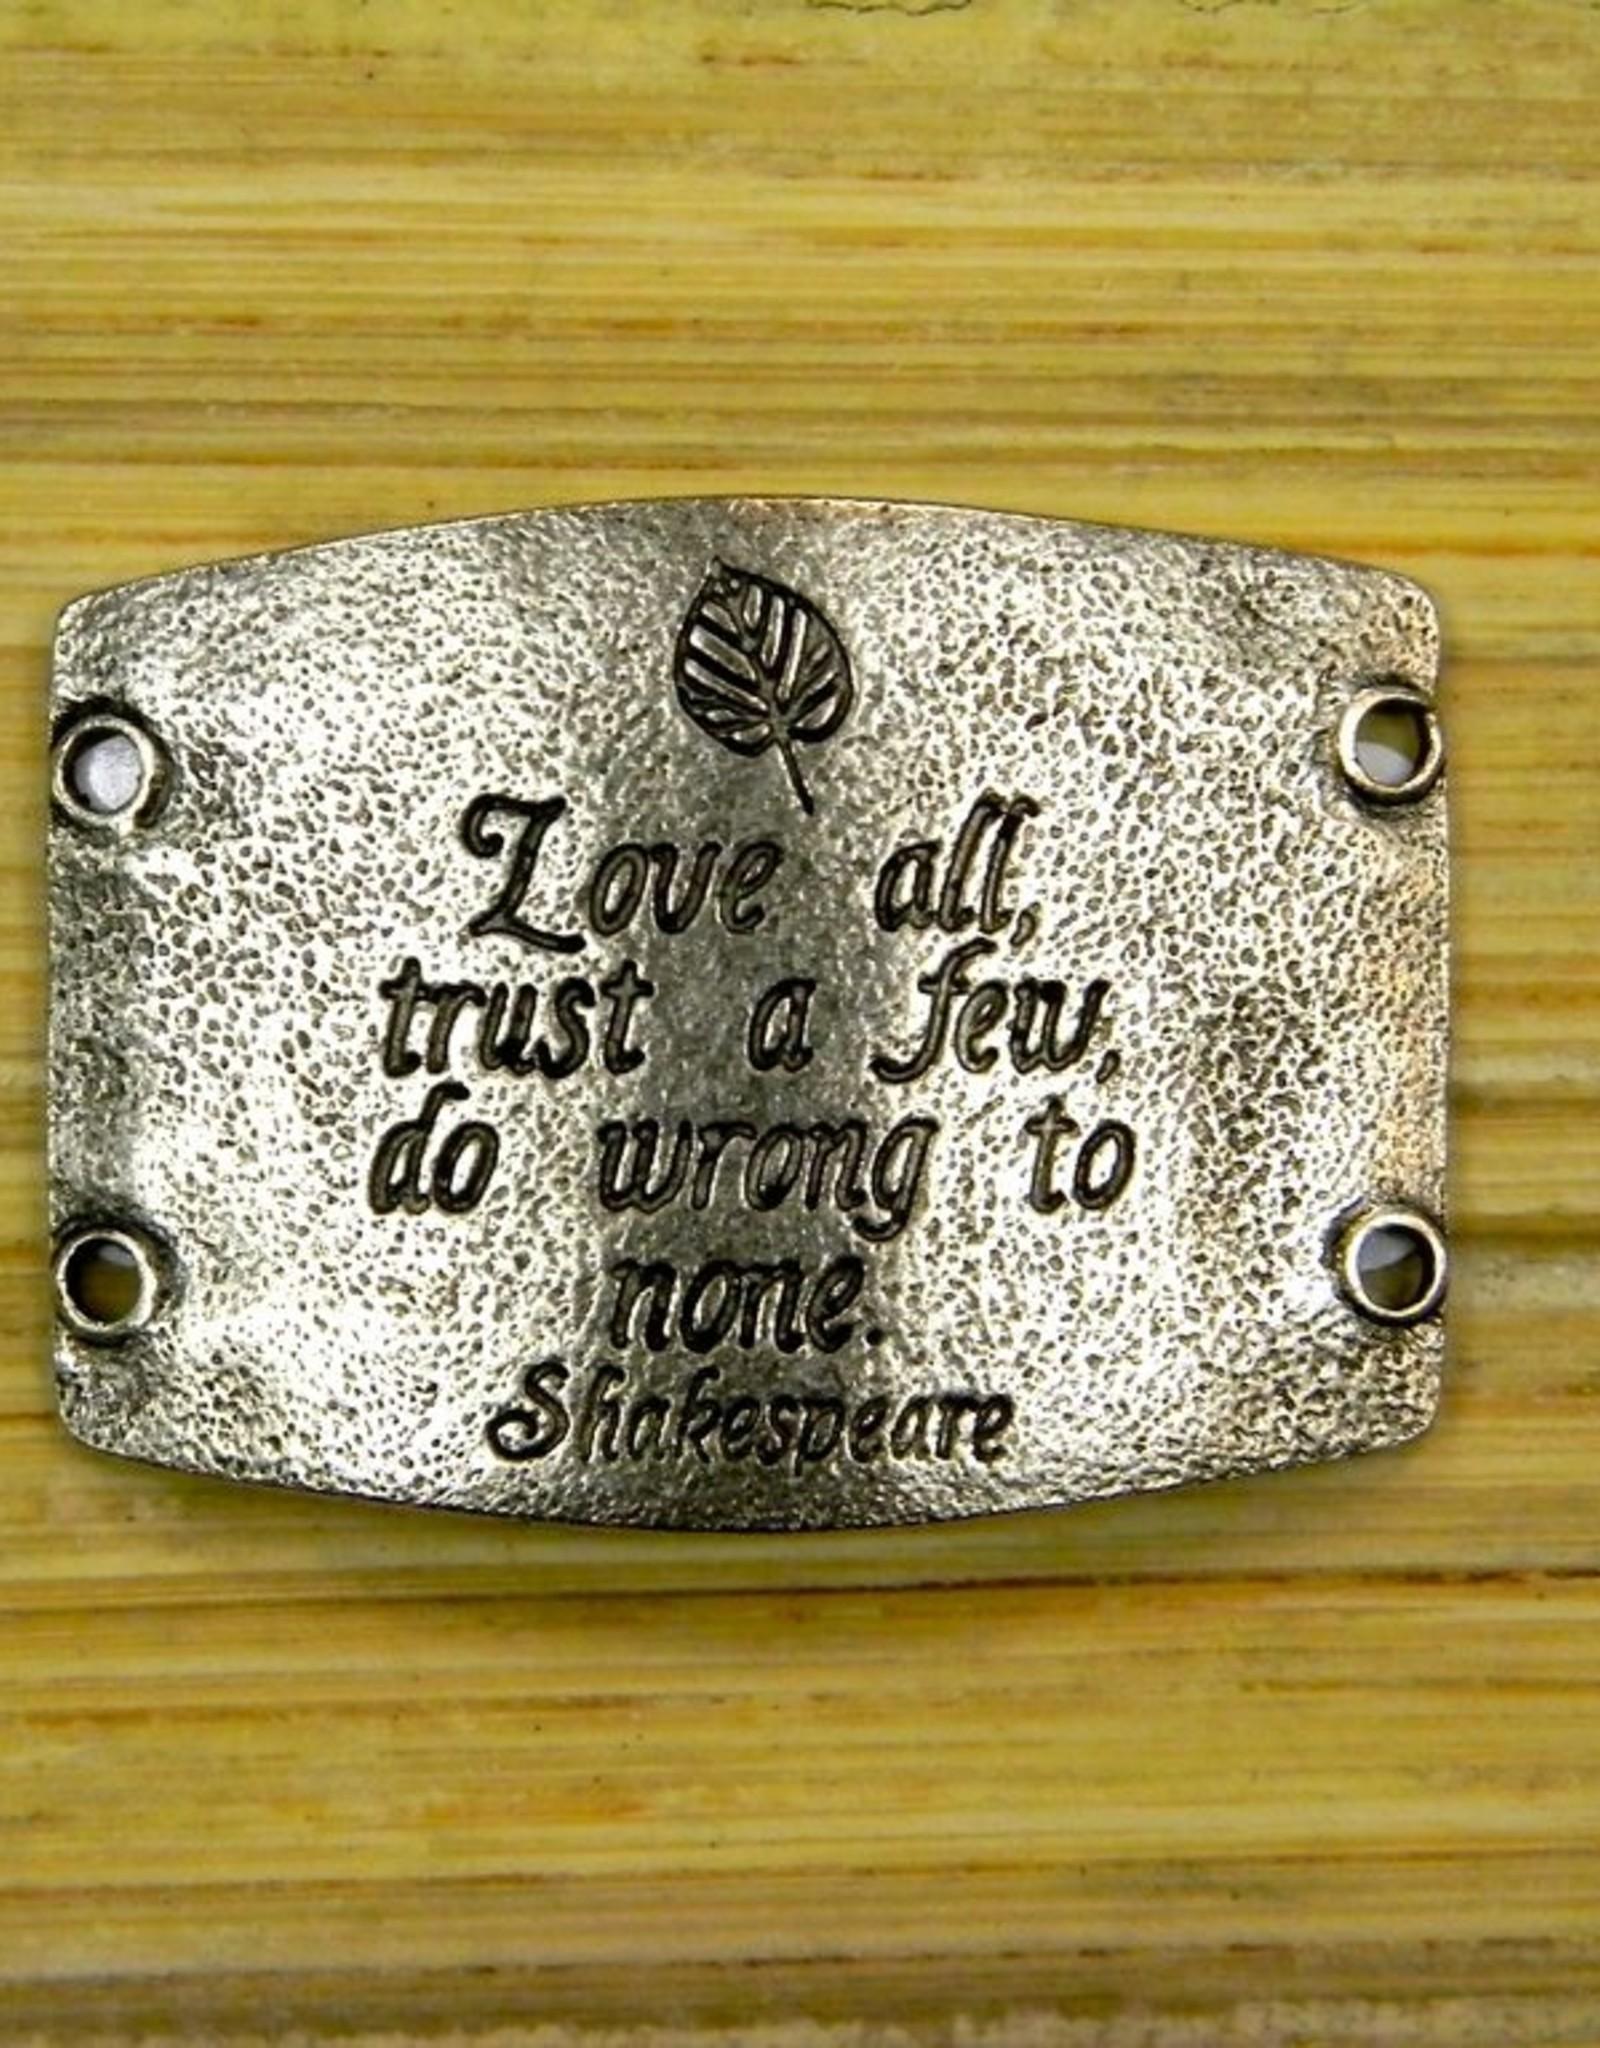 Jewelry Love All, Trust A Few Sentiment